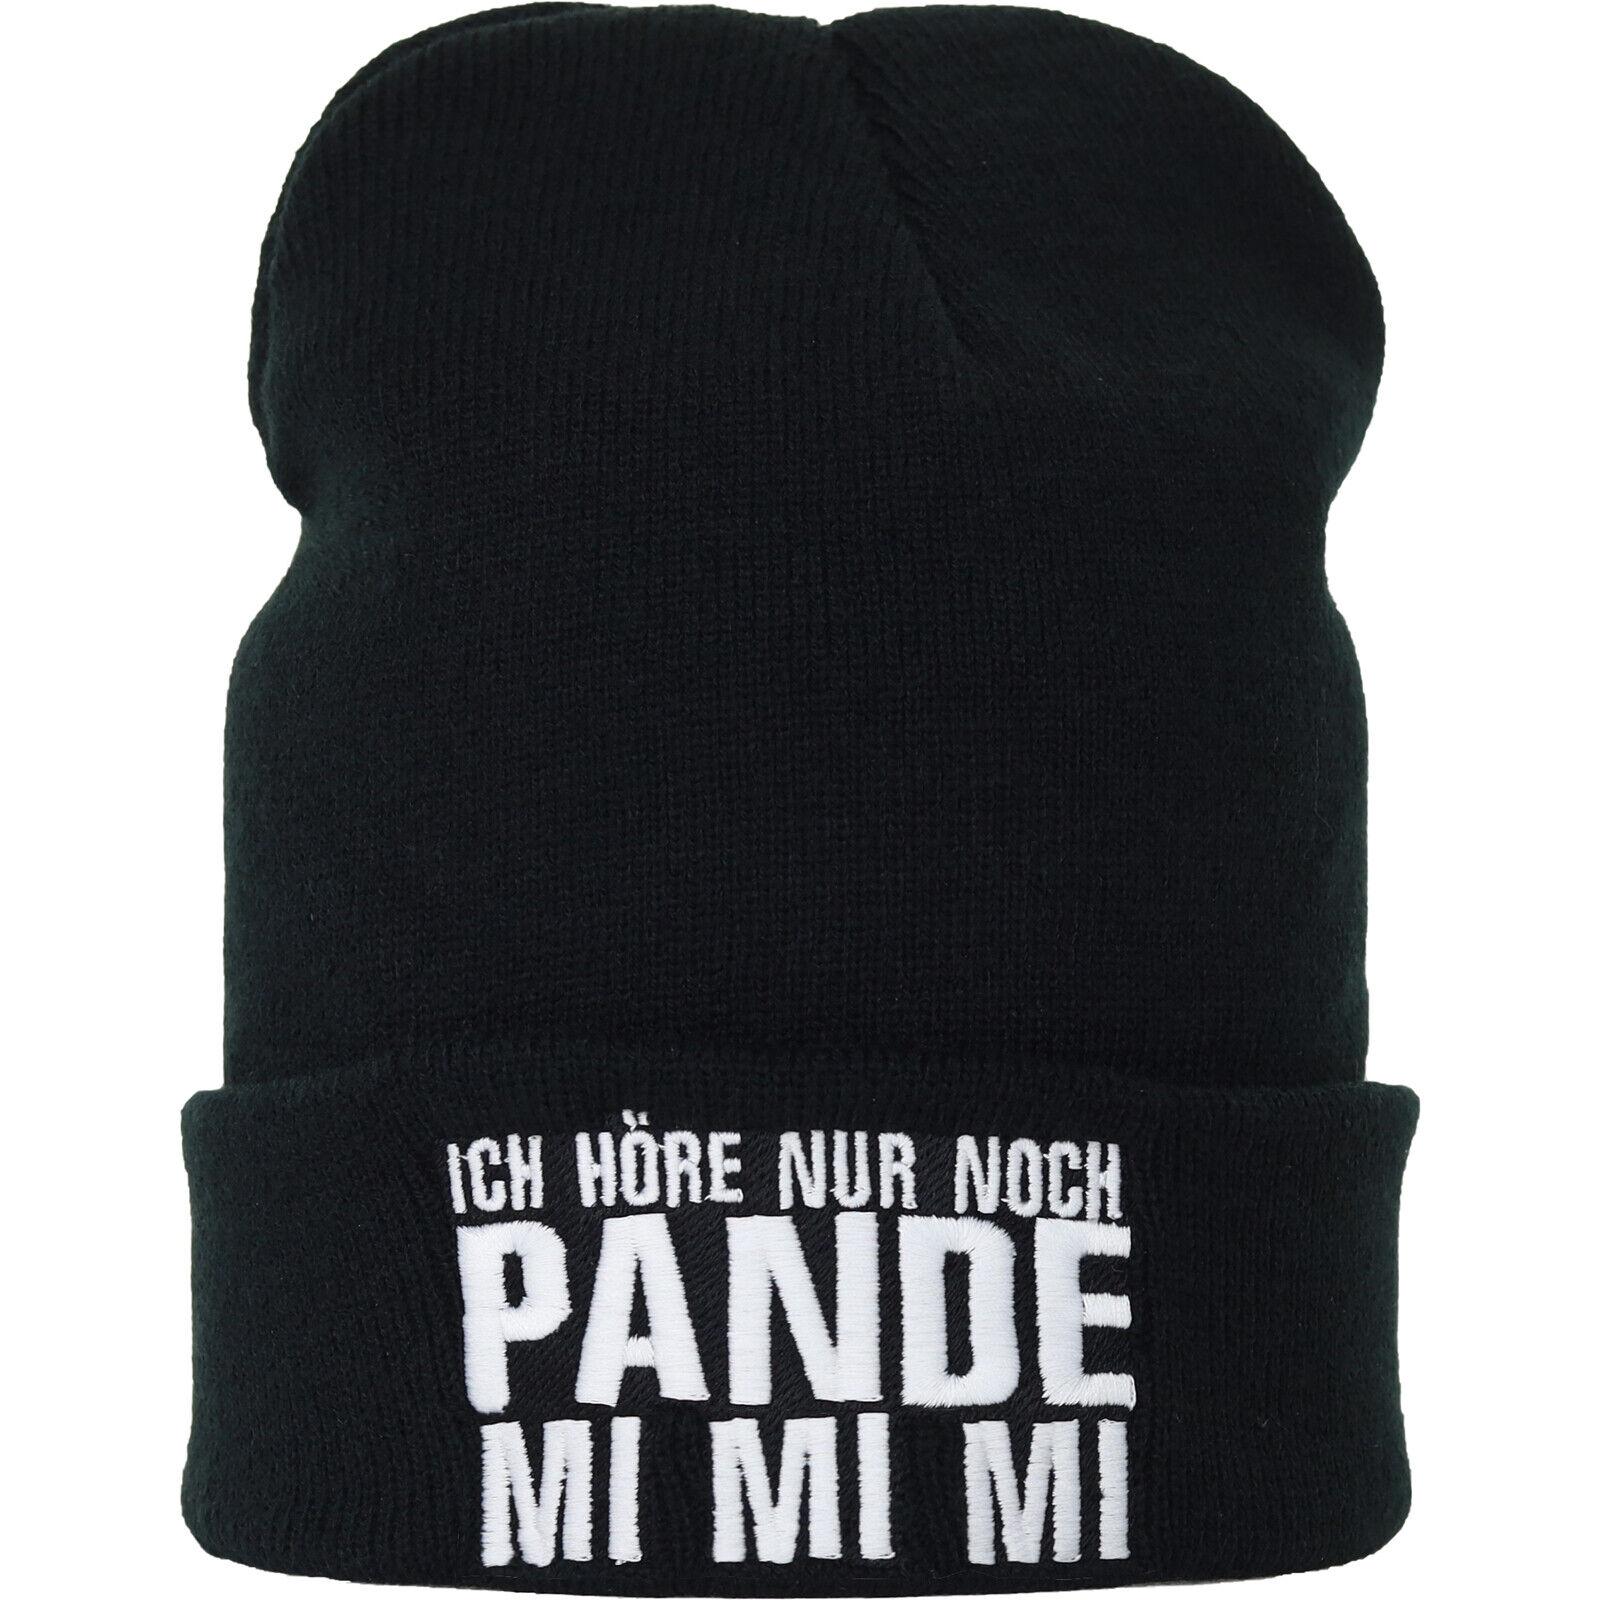 Ich hör nur noch Pande-Mi Mi Mi Strickmütze Wollmütze Haube Beanie Winter